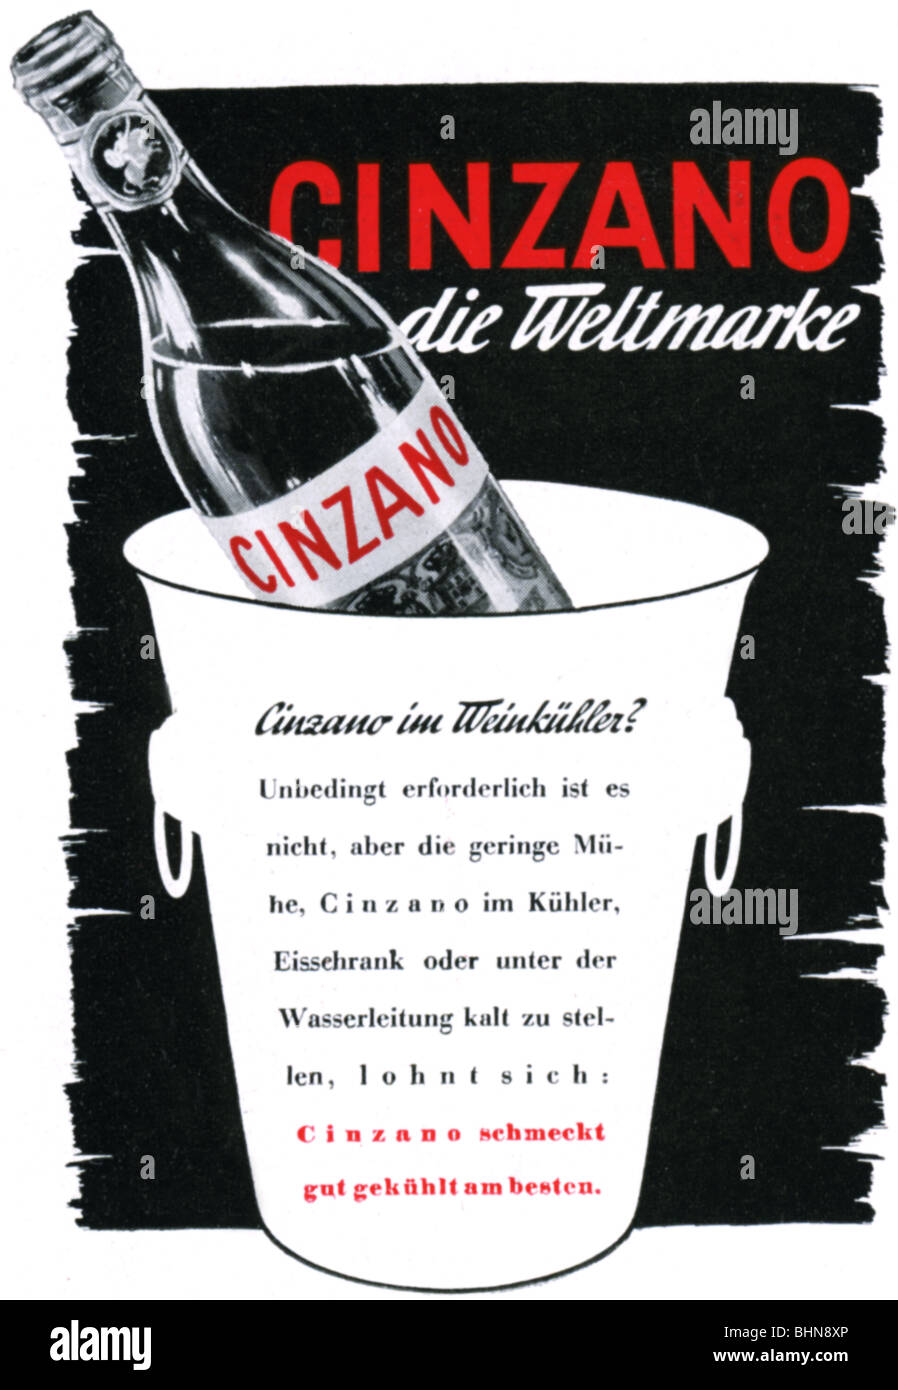 Werbung, Getränke, Wermut, Cinzano, Anzeige, \